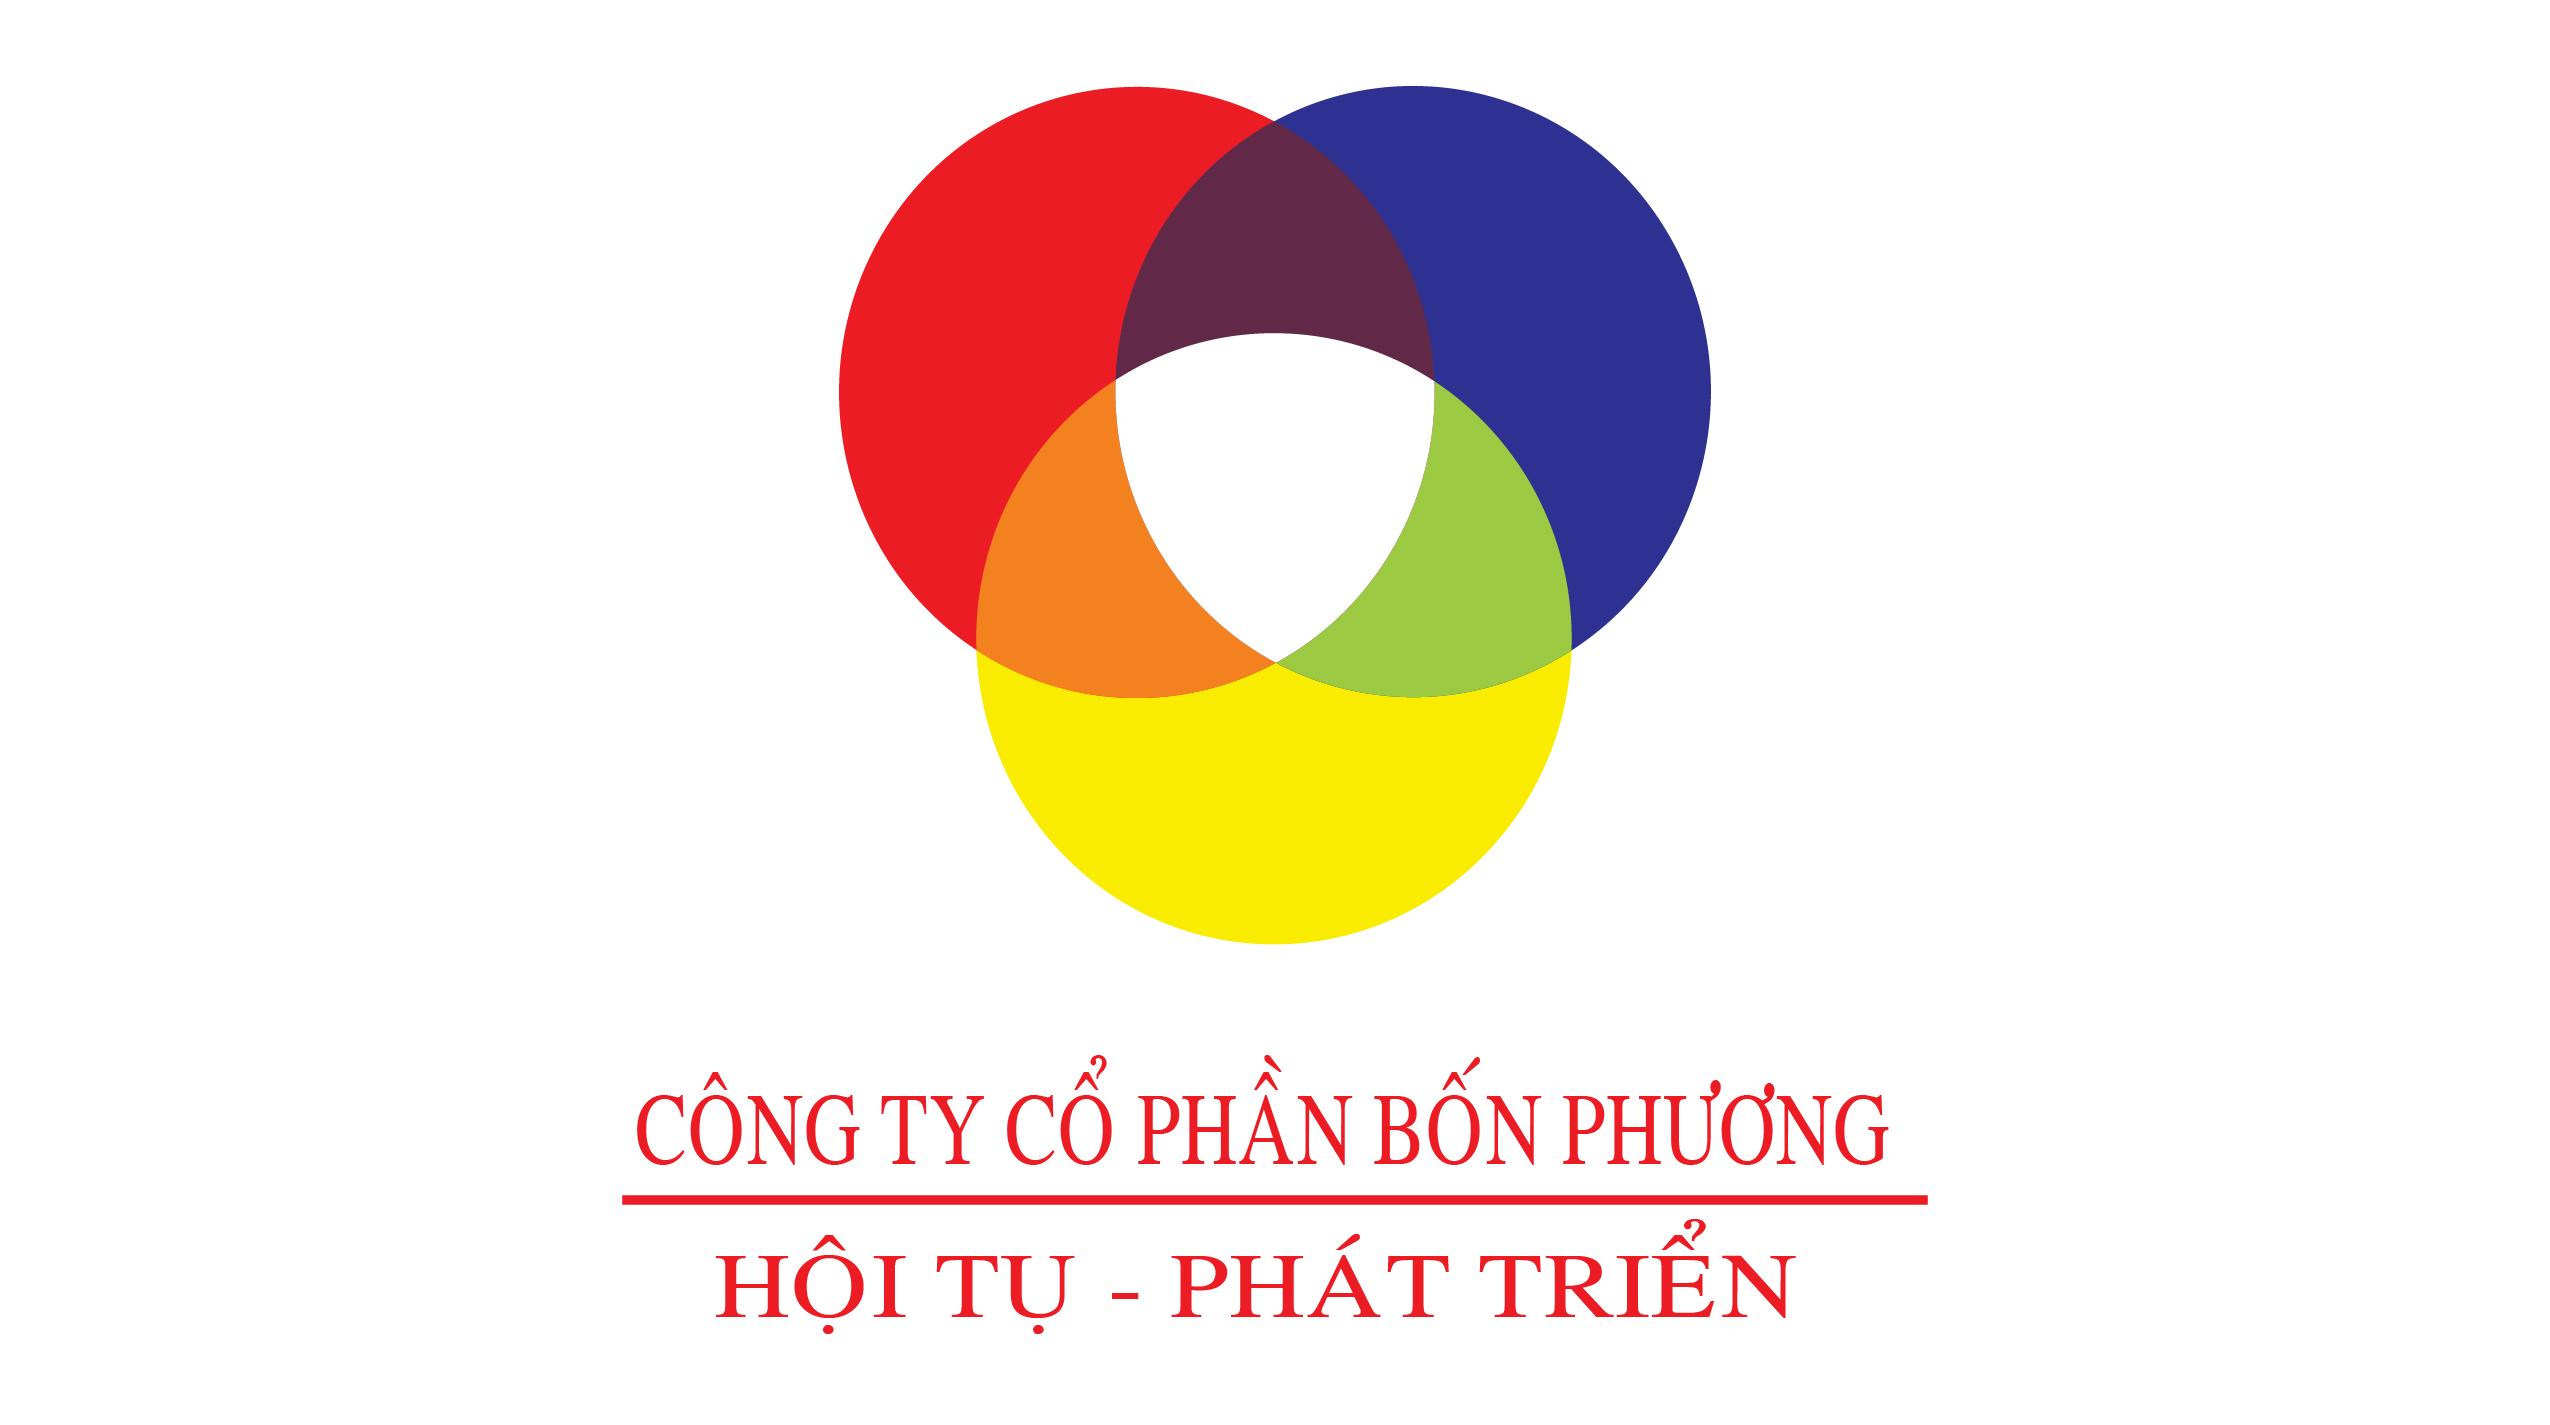 bon-phuong-30112018